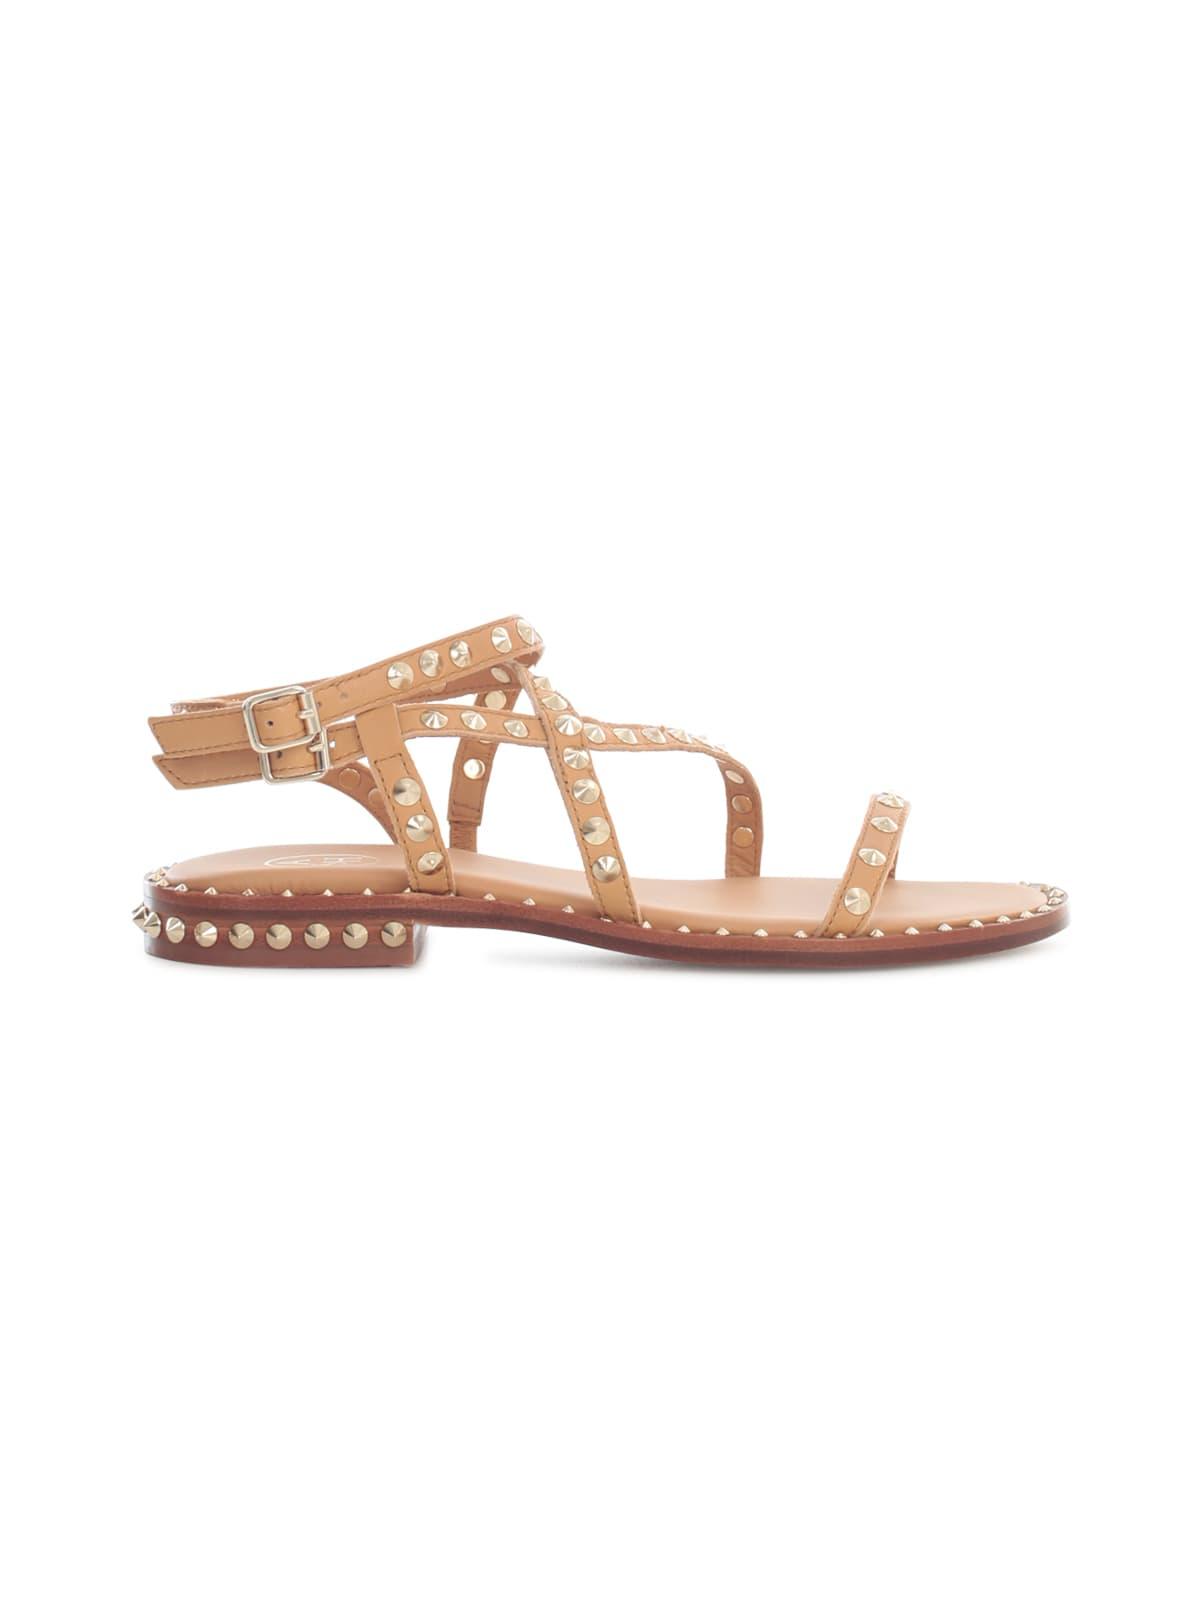 Ash Sandals DOUBLE BUCKLE SANDALS W/STUDS